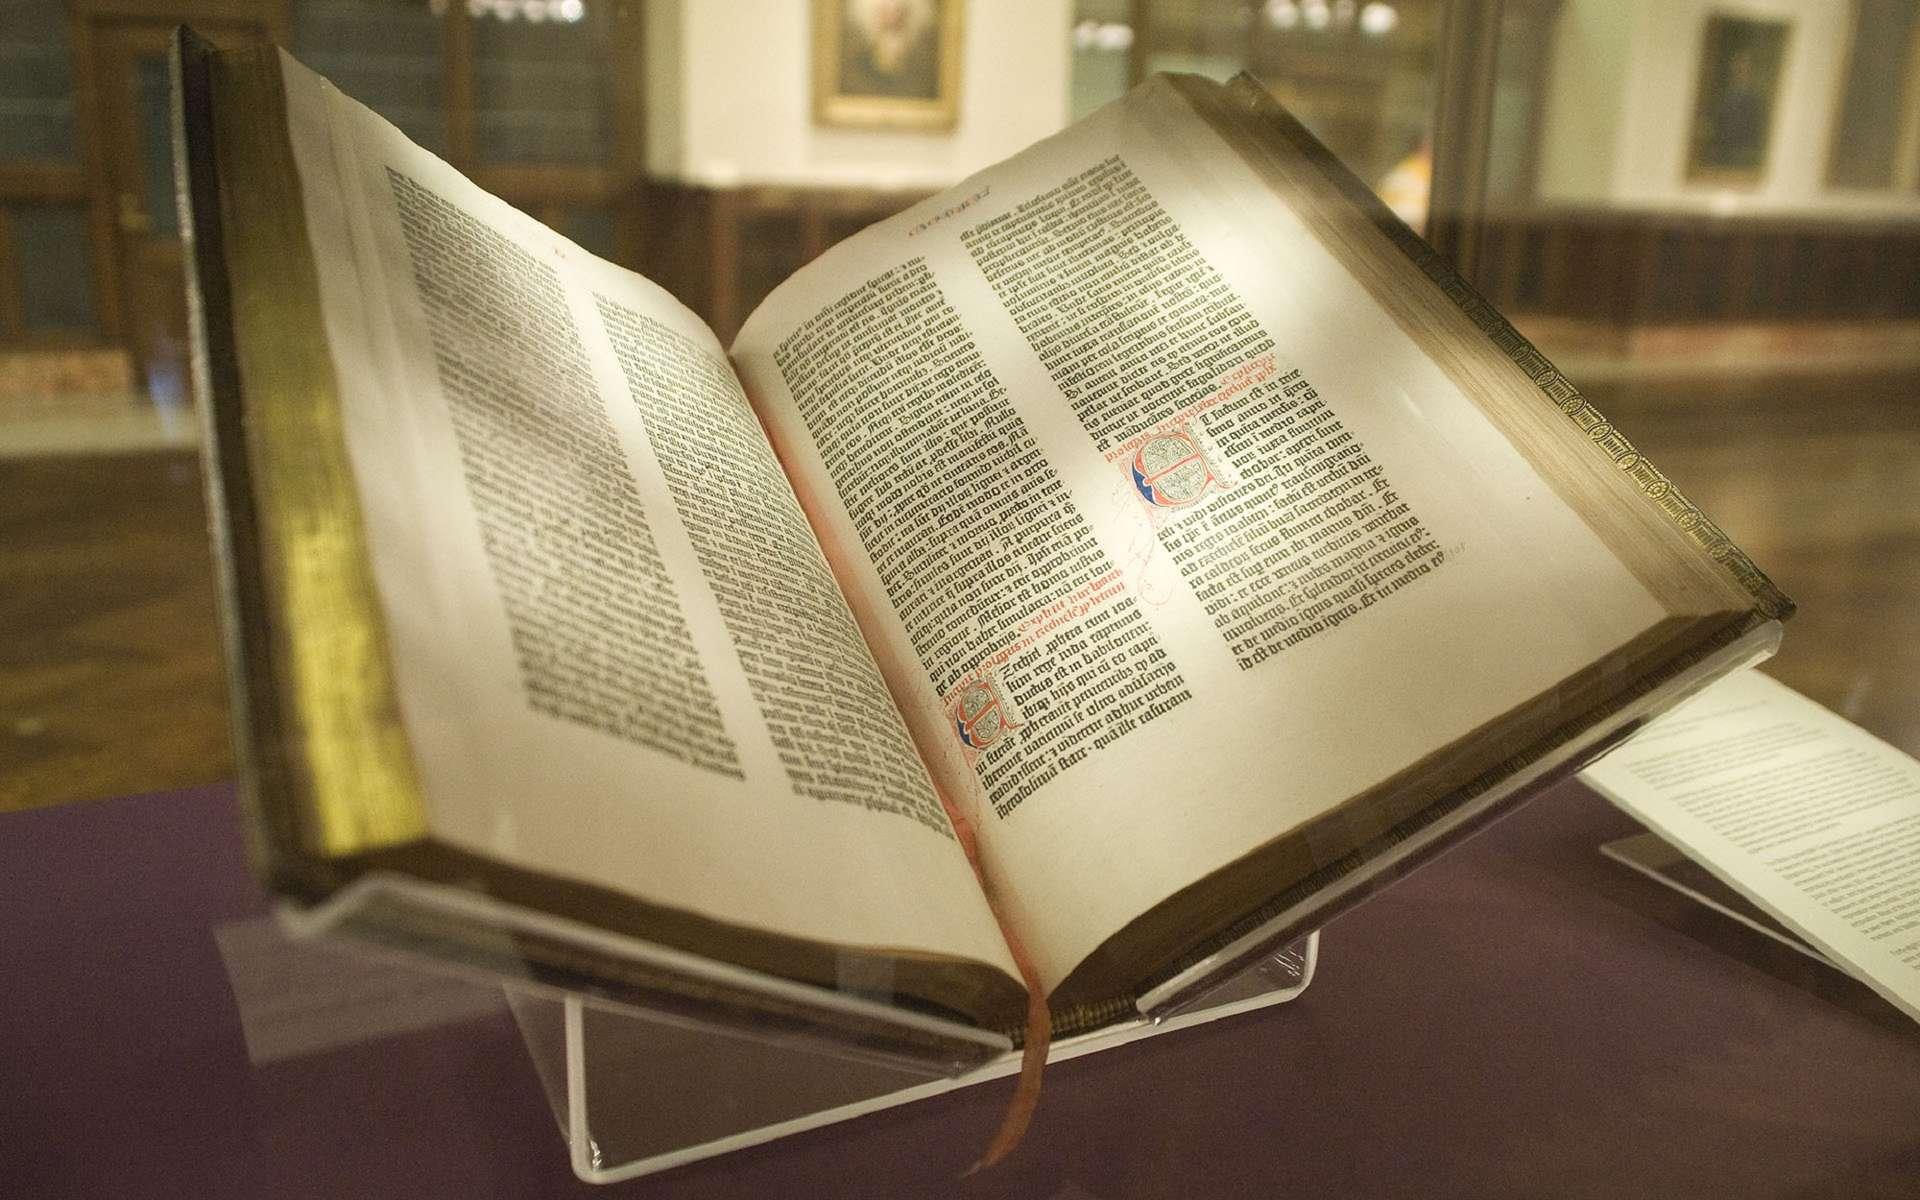 Une rare reproduction intégrale de la bible imprimée par Gutenberg, datée de 1455 environ, appelée « Lenox Copy », conservée à la New York Public Library. On estime qu'il reste 45 reproductions d'époque de cet ouvrage. © Wikimedia Commons, domaine public.